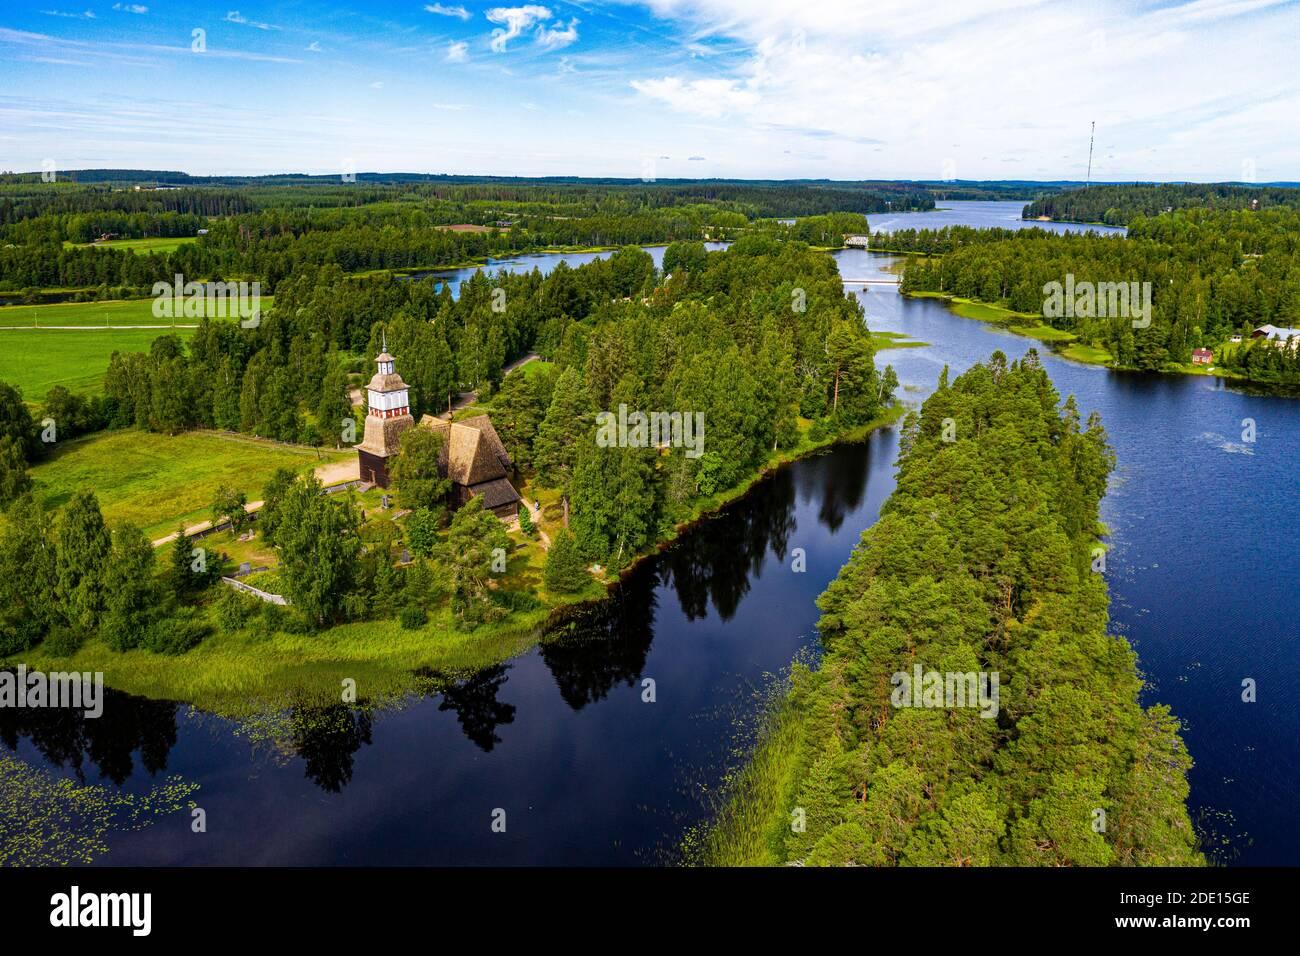 Vista aérea de Petaejeveden (Petajavesi) incluyendo la Iglesia Vieja, Patrimonio de la Humanidad de la UNESCO, Finlandia, Europa Foto de stock